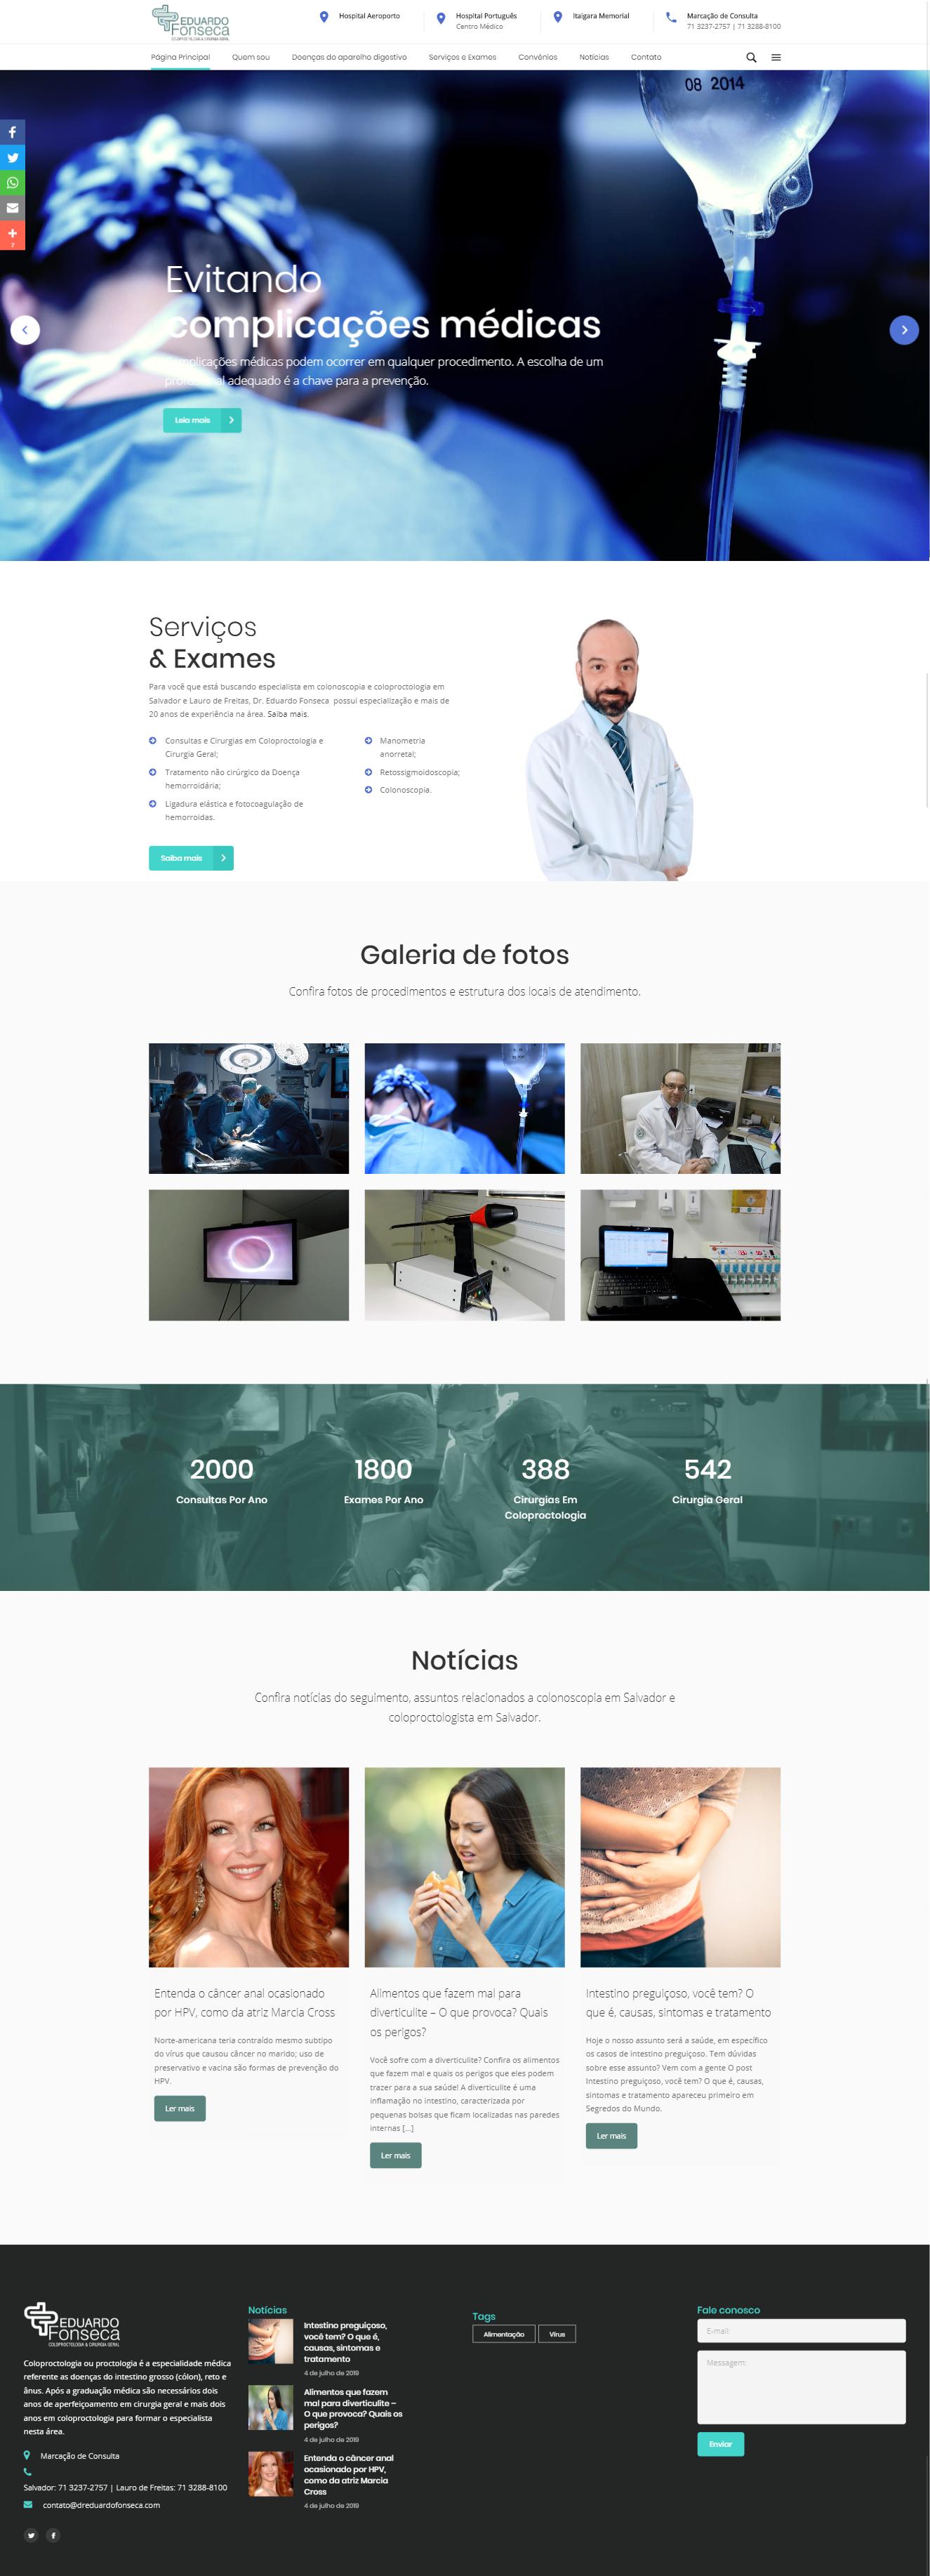 print-dreduardofonseca-pagina-principal-oficial